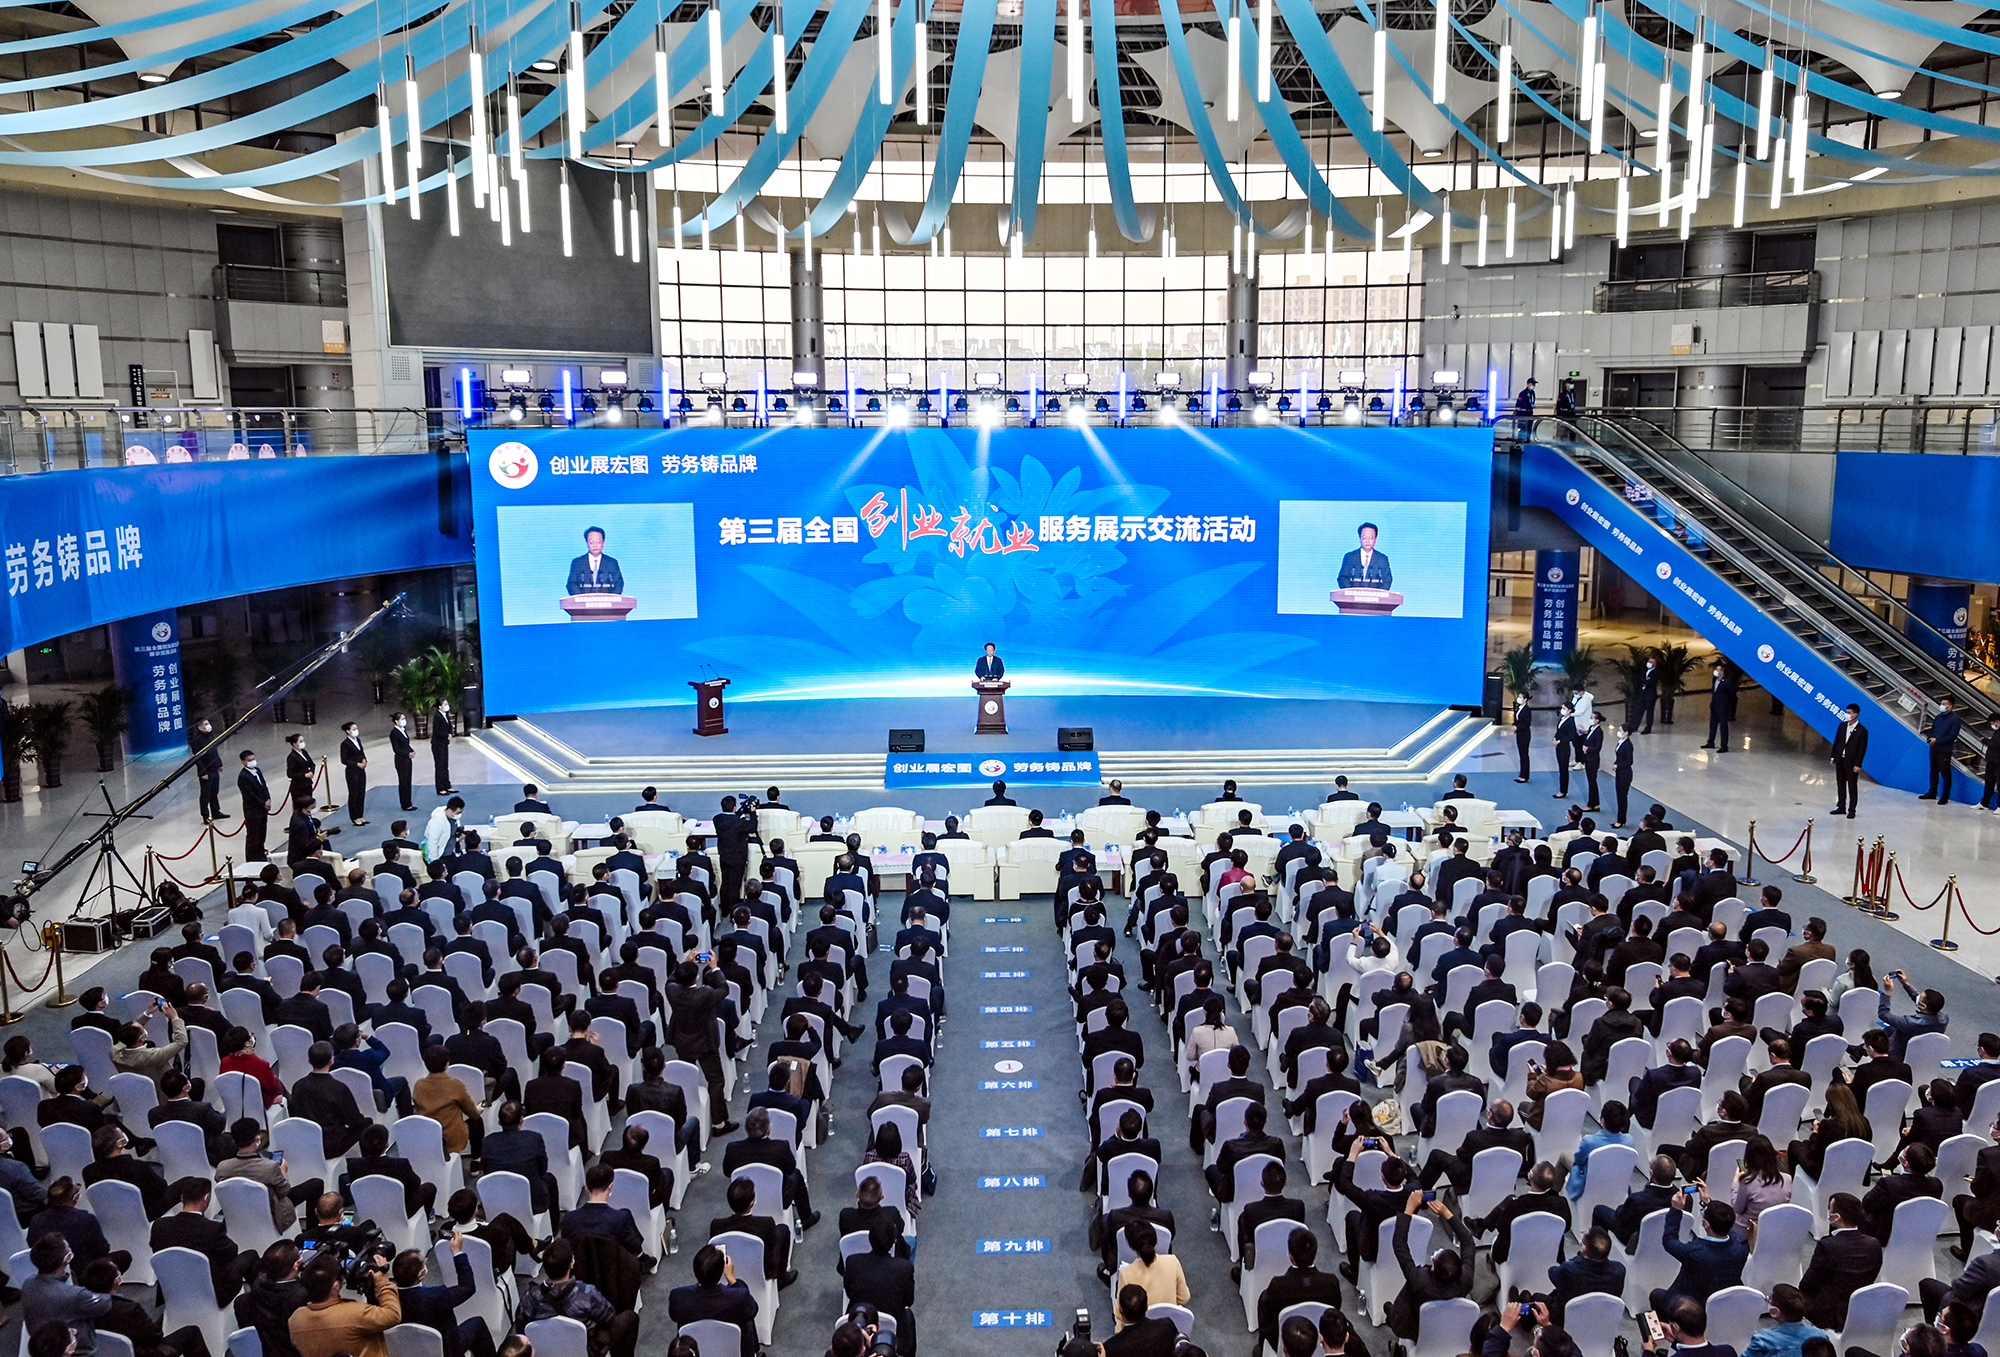 第三届全国创业就业服务展示交流活动在长春举行